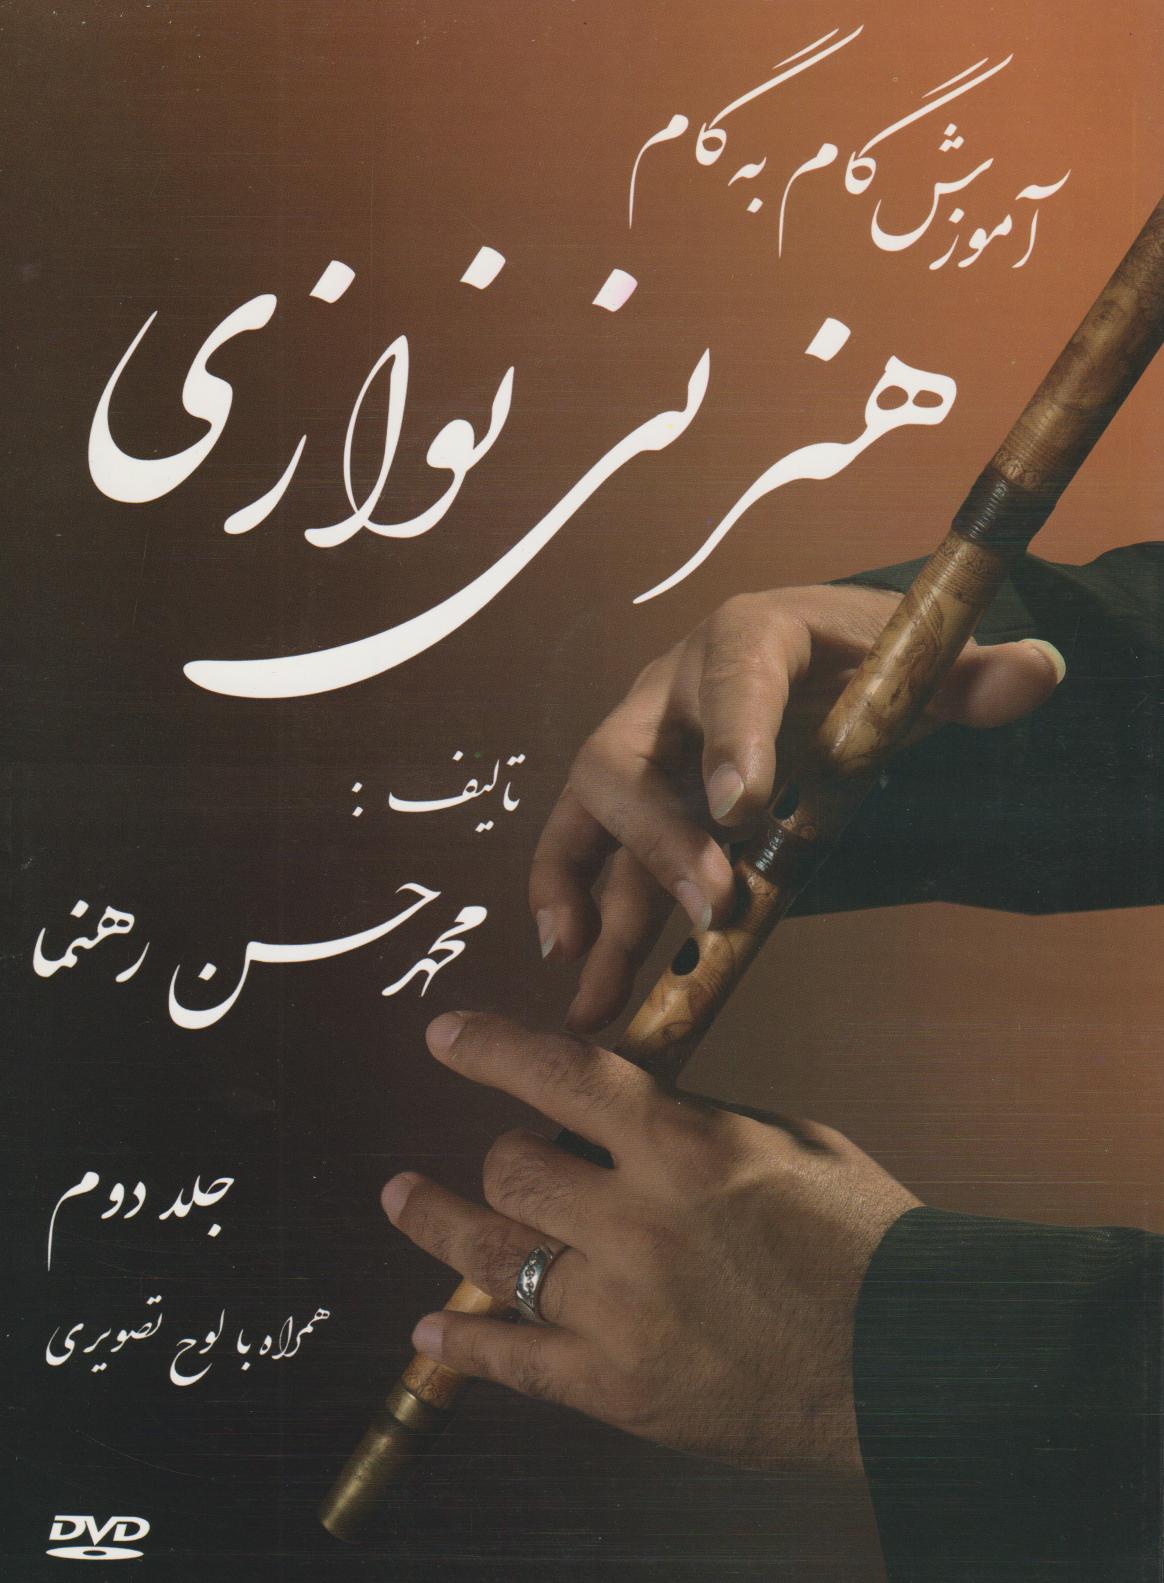 کتاب دوم آموزش هنر نینوازی محمدحسن رهنما انتشارات سایه گستر